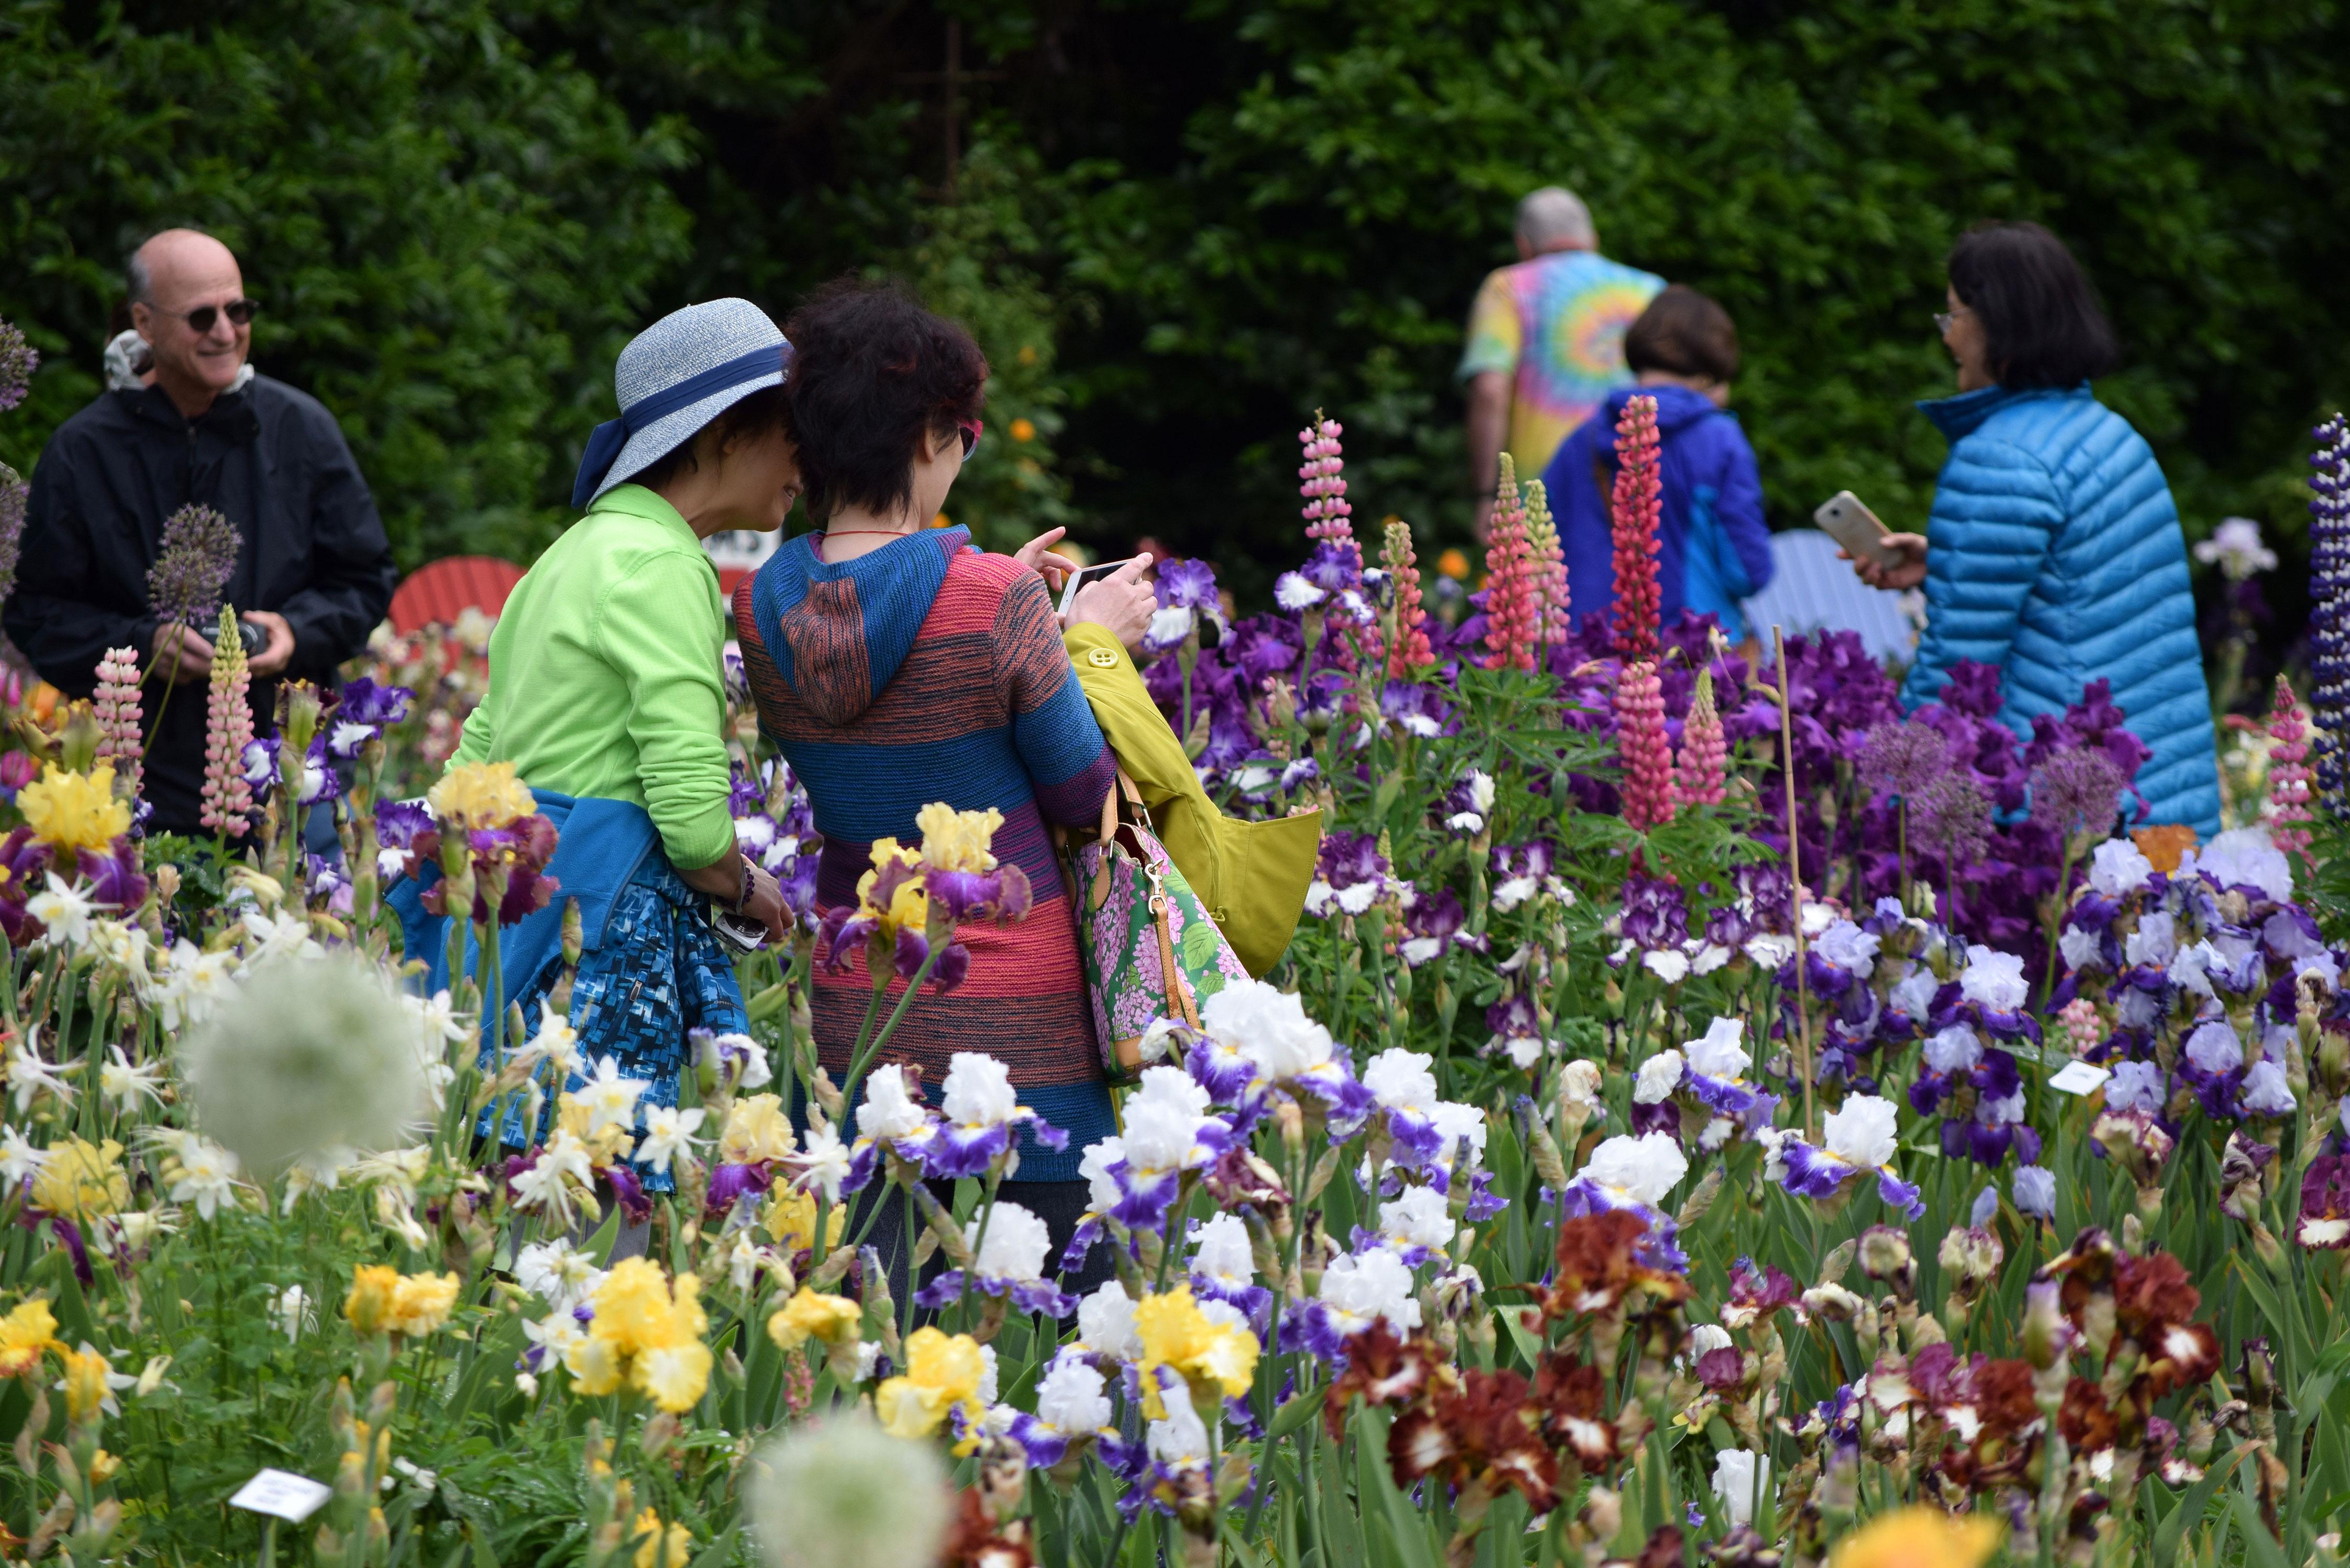 Annual Celebration of Irises at Schreiner's Iris Gardens